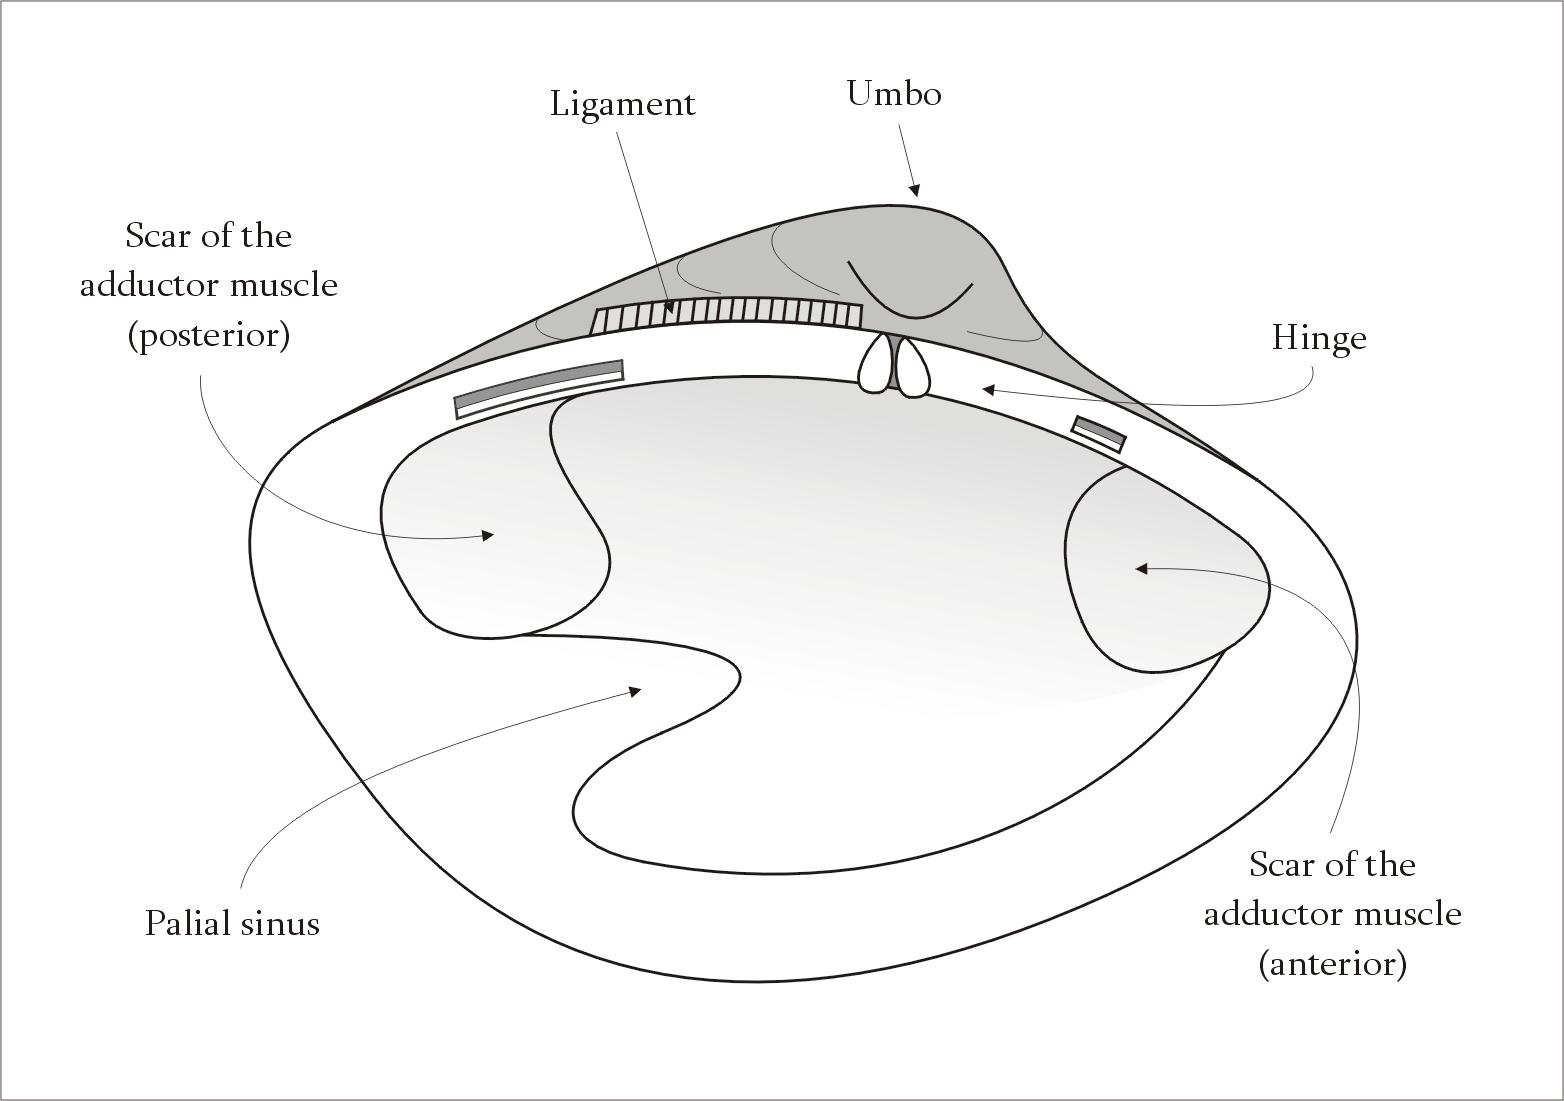 clam dissection diagram convergent boundary bivalve définition c 39est quoi